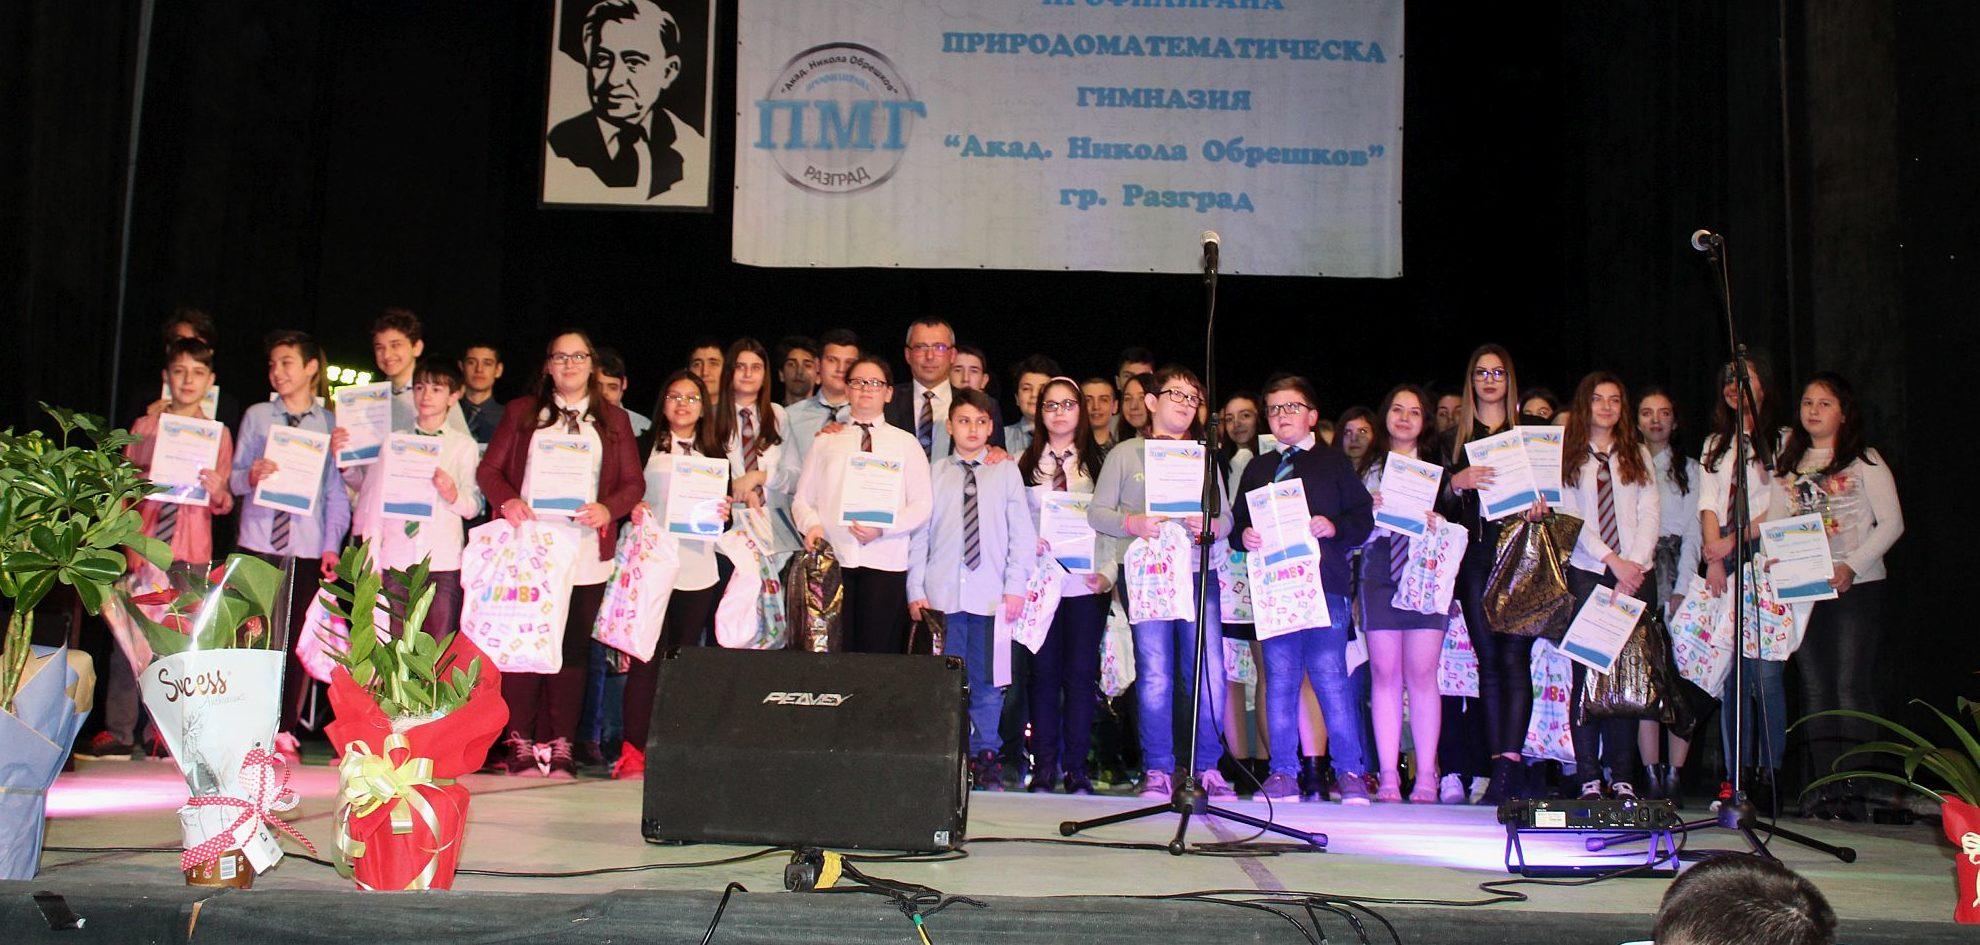 """ППМГ """"Акад. Никола Обрешков"""" отпразнува 47-ми рожден д� ..."""